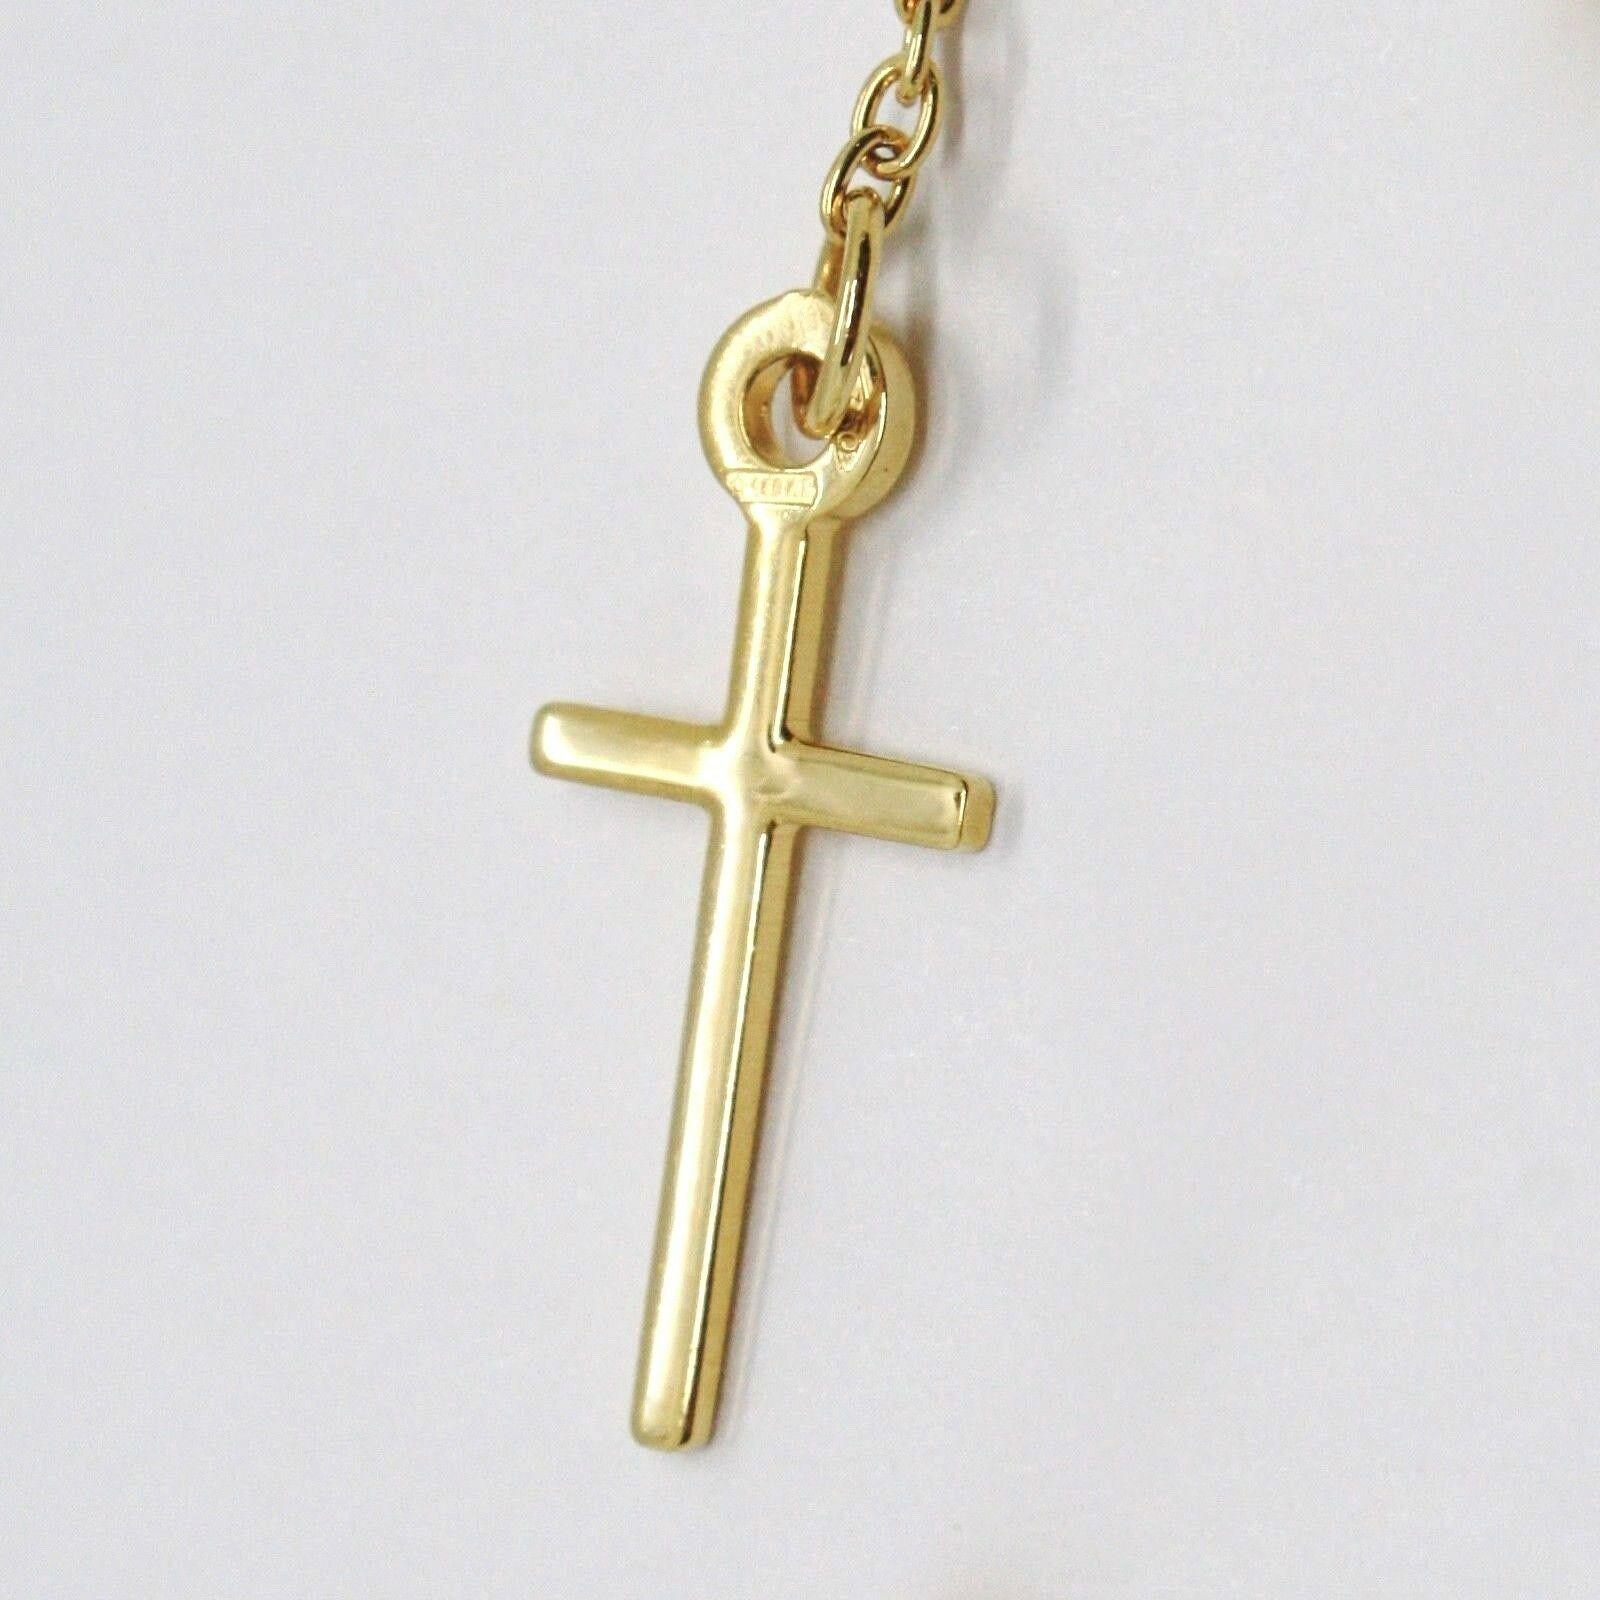 Pulsera Oro Amarillo 18K 750 , Rosario, Esferas 2.5 mm, Cruz, Medalla Milagrosa image 3